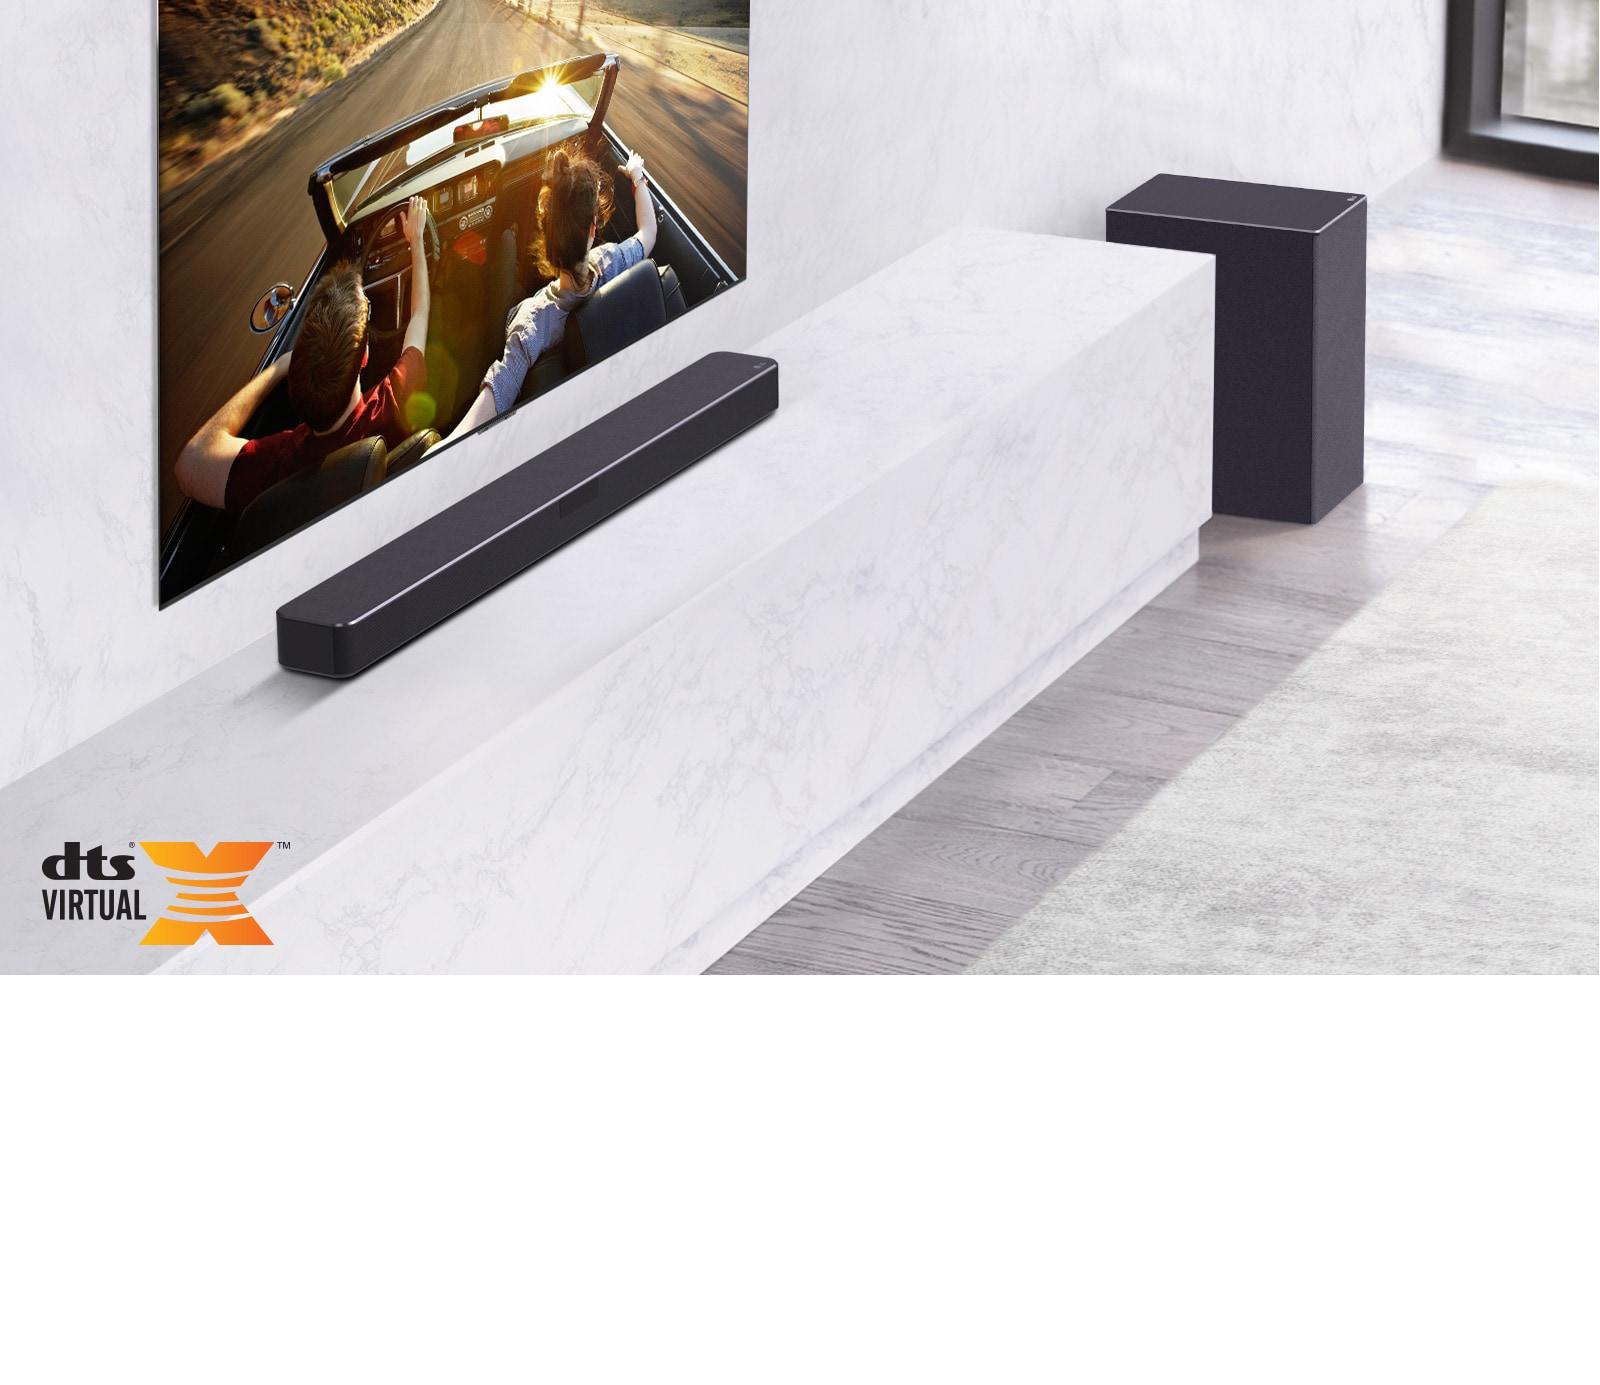 TV treo ở trên tường, loa thanh LG phía dưới, đặt trên kệ đá cẩm thạch trắng, có loa trầm ở bên phải. TV hiển thị một đôi nam nữ trong xe hơi.